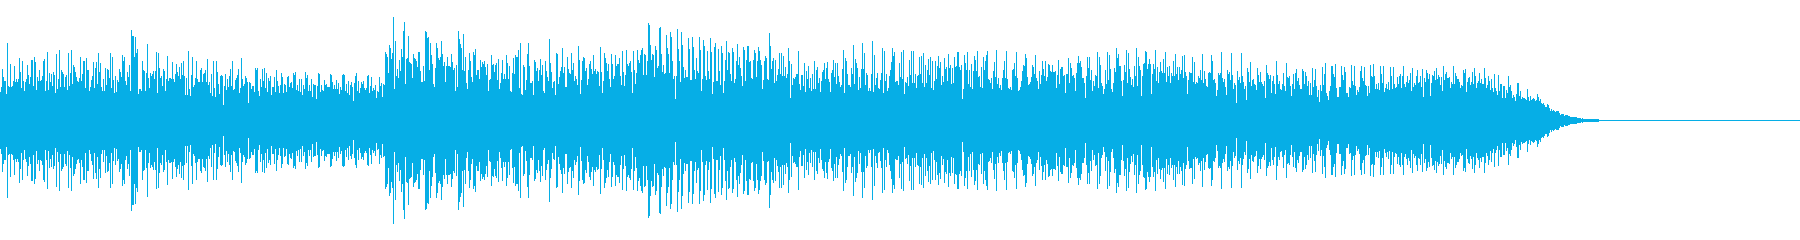 テッテレ(入手) 8bit 速めの再生済みの波形